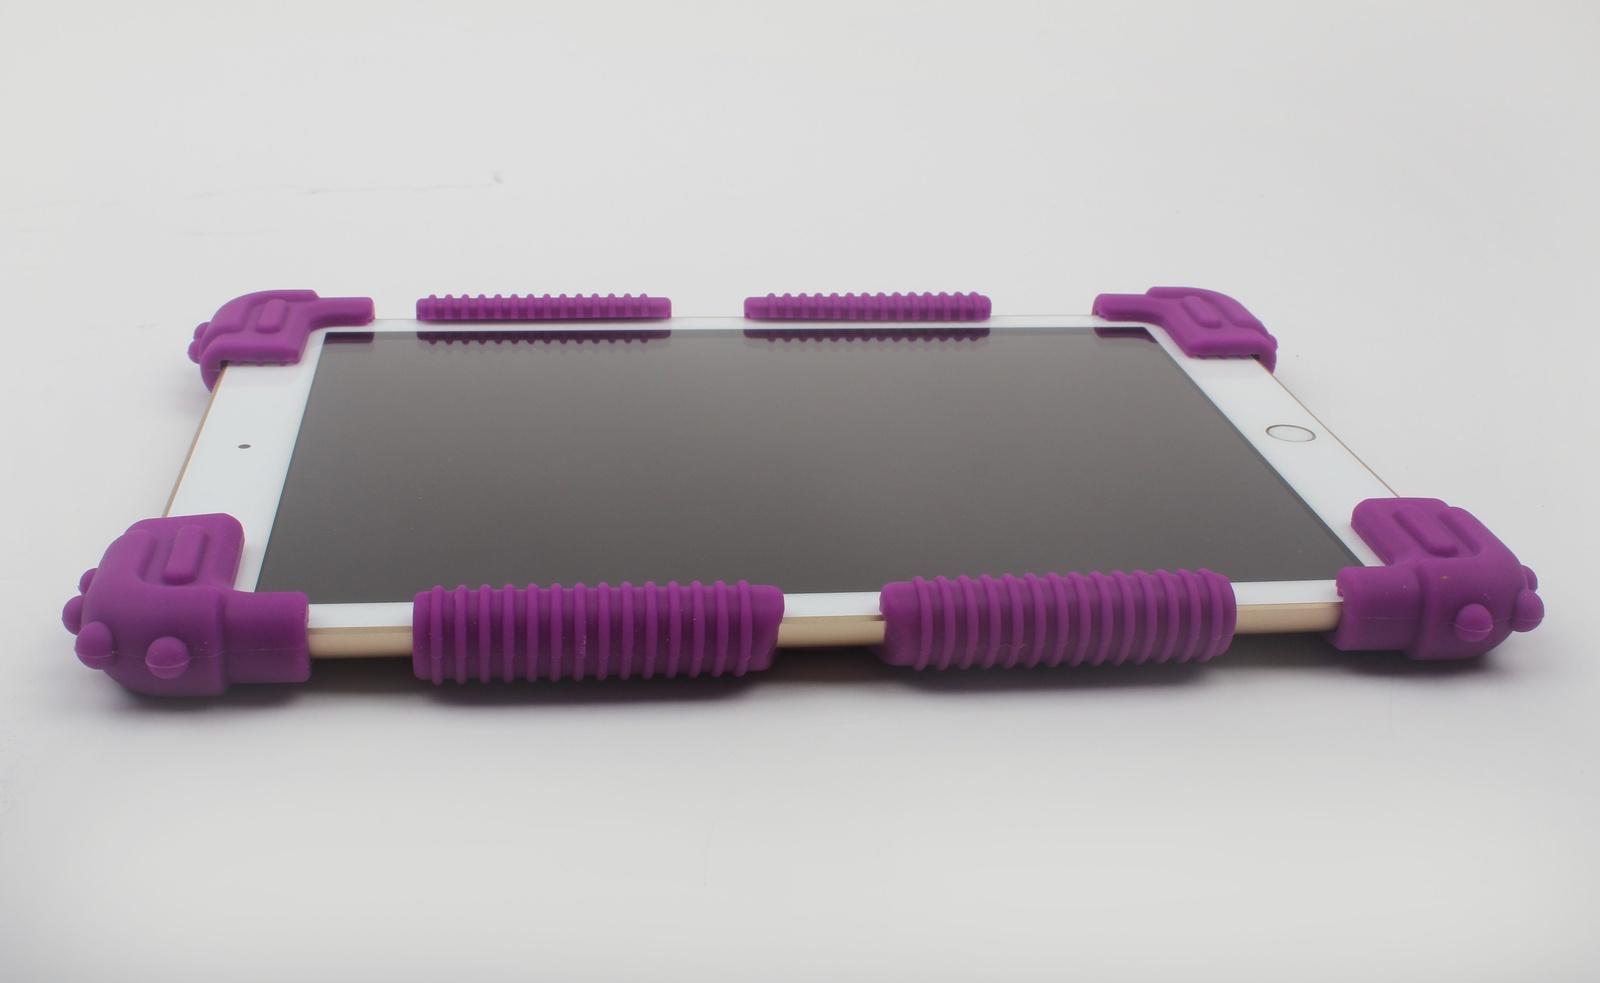 Чехол бампер для планшета TipTop универсальный, 7-9 дюймов, 4605180030890, фиолетовый ноутбук 9 дюймов